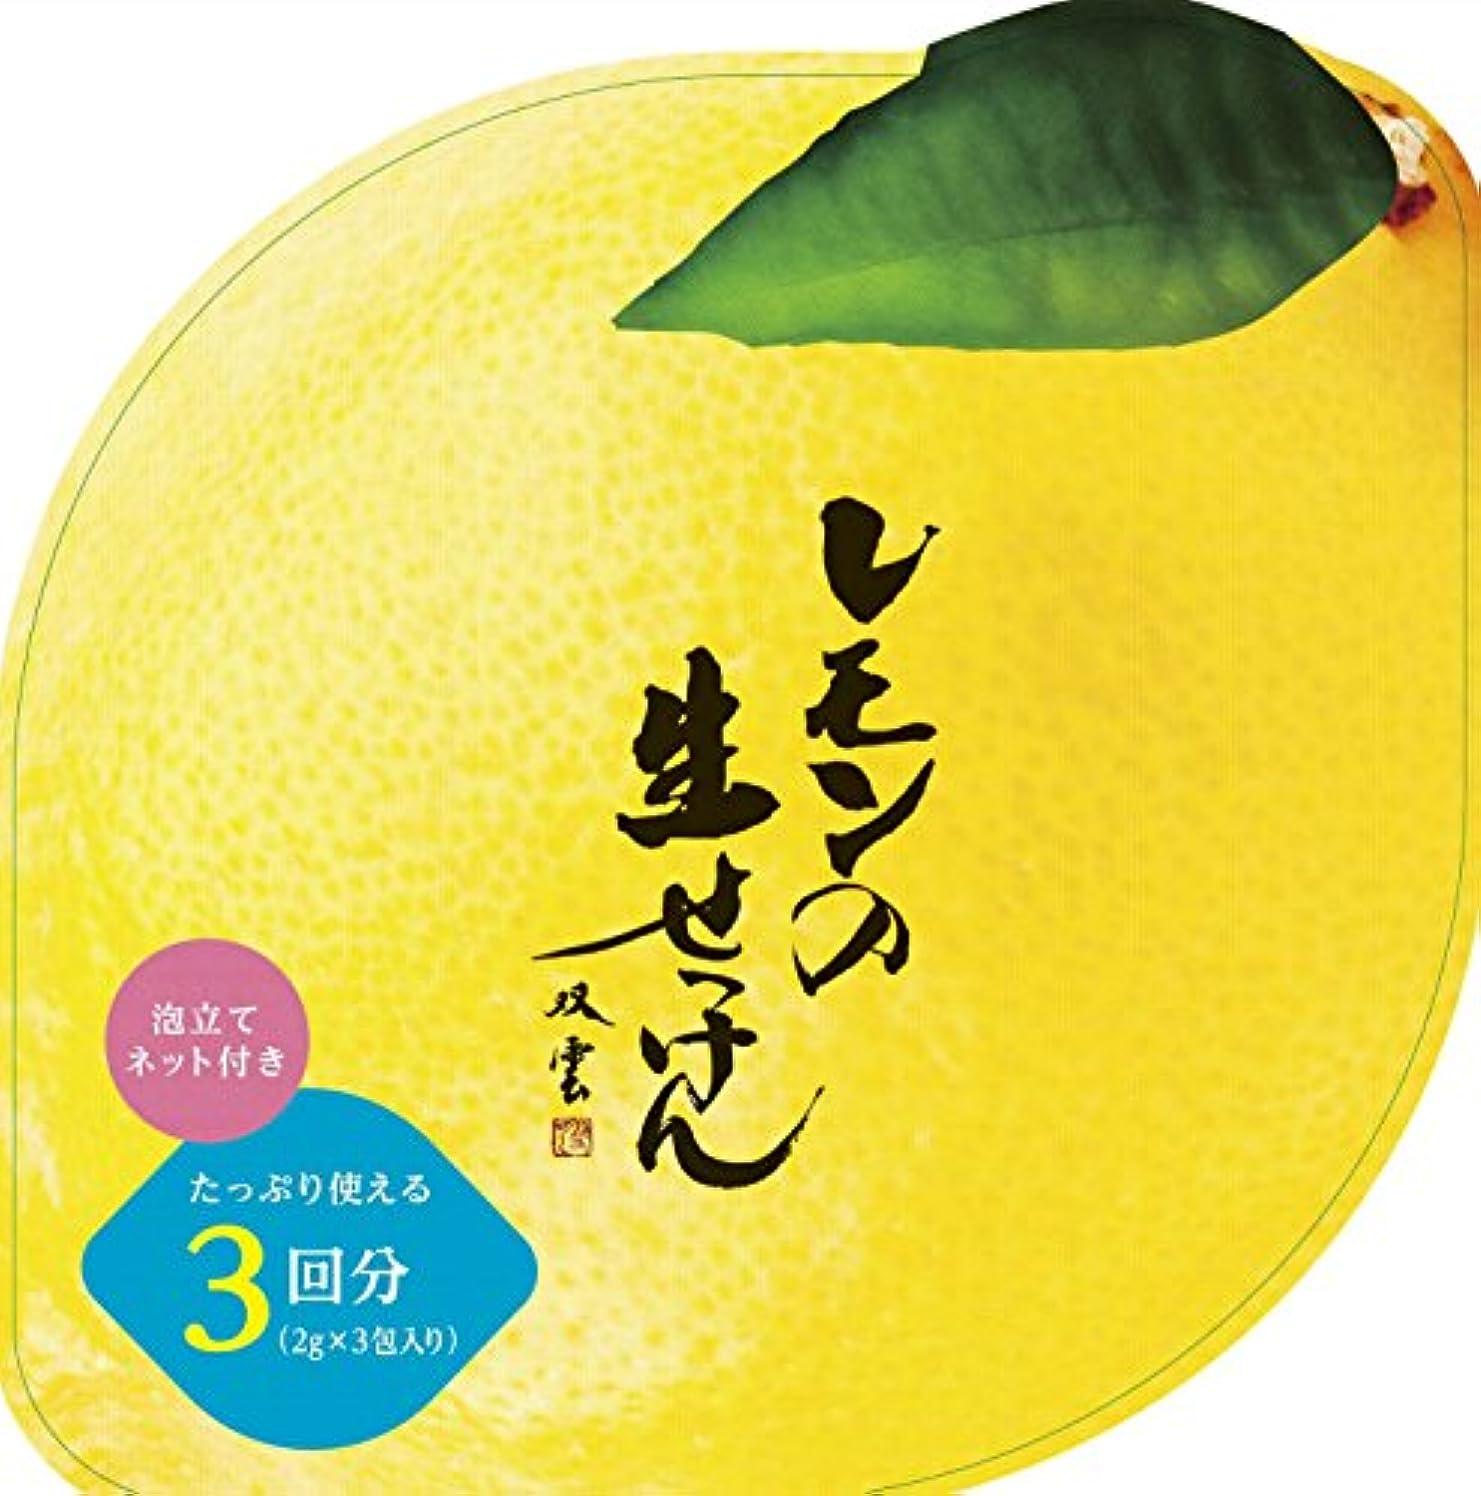 抵当チョーク部族美香柑 レモンの生せっけん 2g×3包入